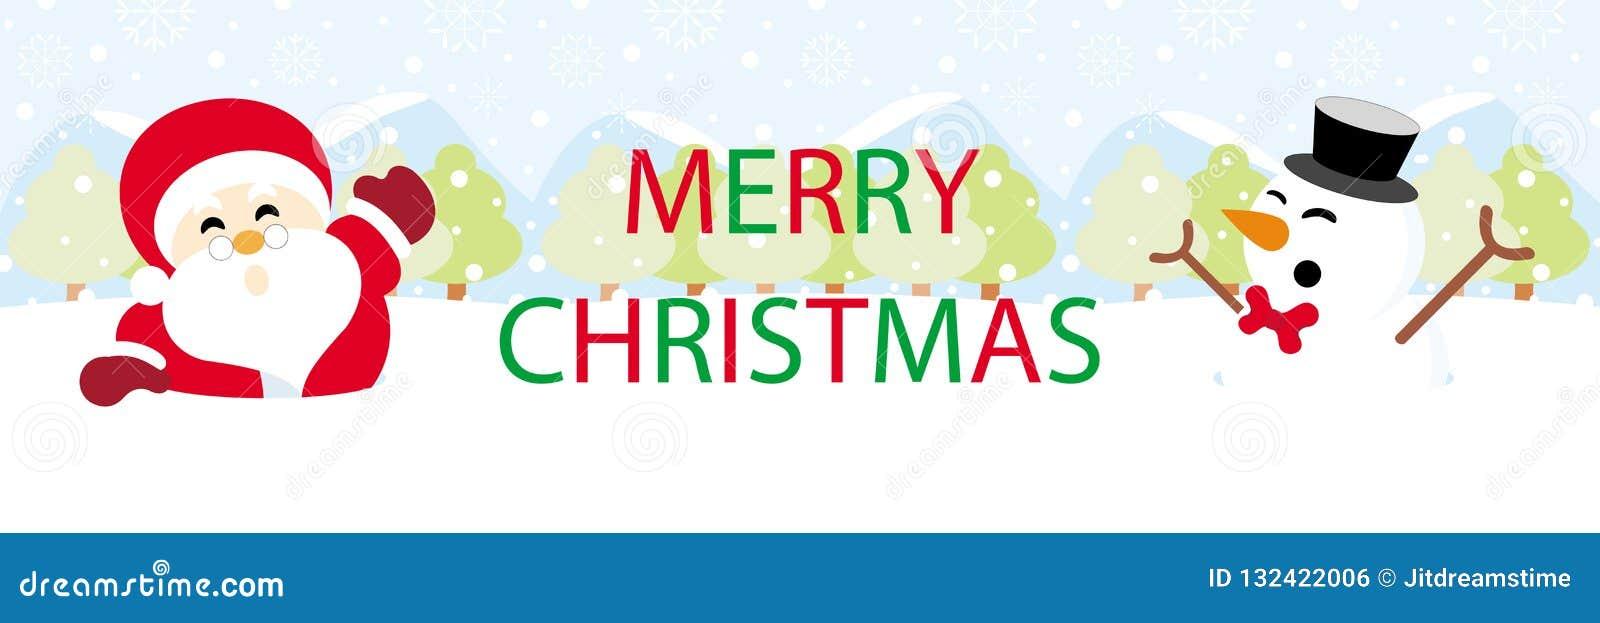 Papá Noel y muñeco de nieve en nieve con Feliz Navidad de los gráficos del texto